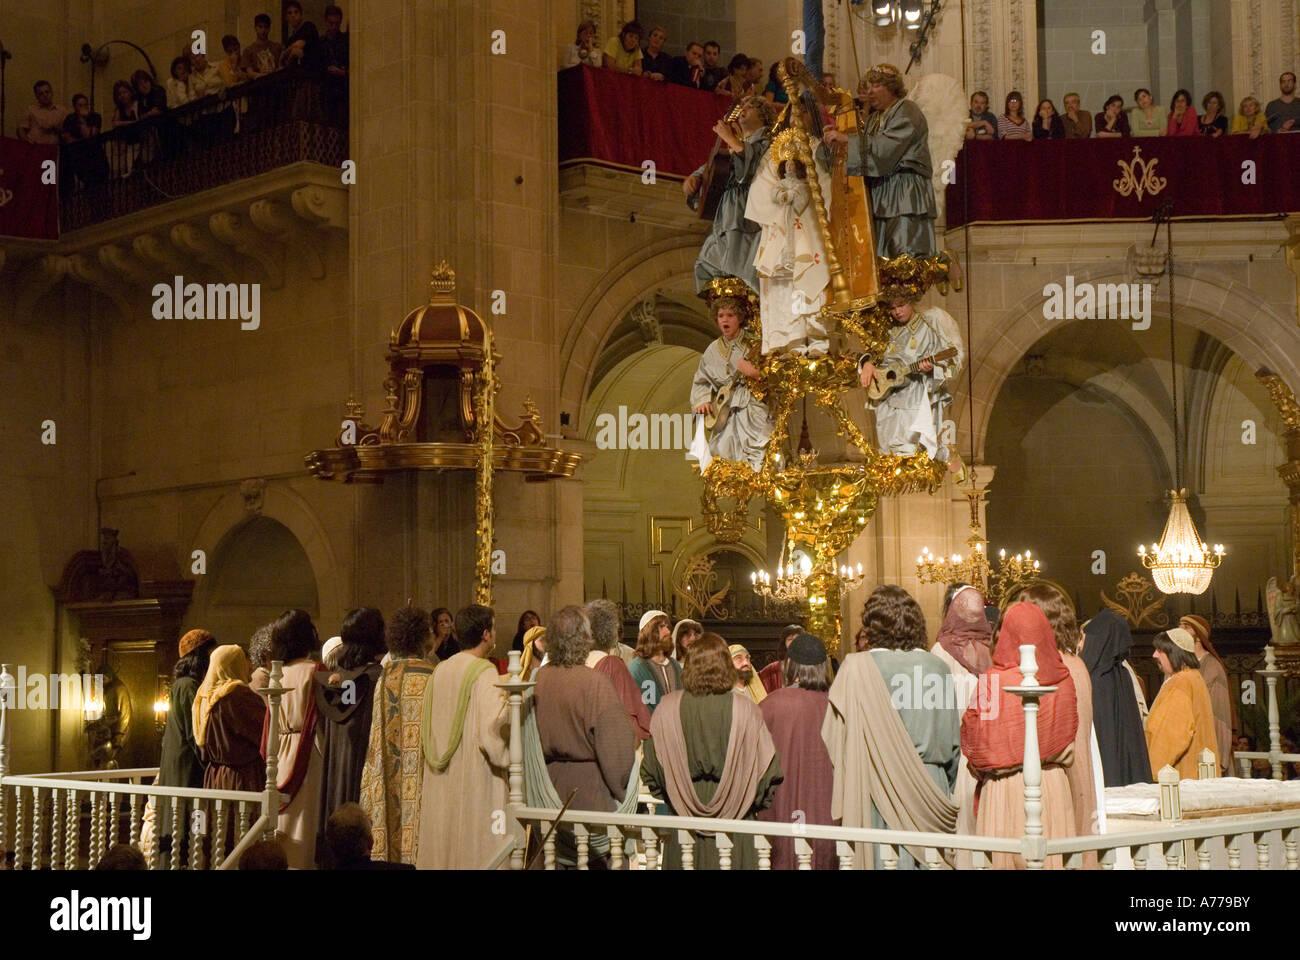 The Elche Mystery Play Santa Maria Basilica ELCHE Alicante province Valencia Autonomous Community Spain - Stock Image